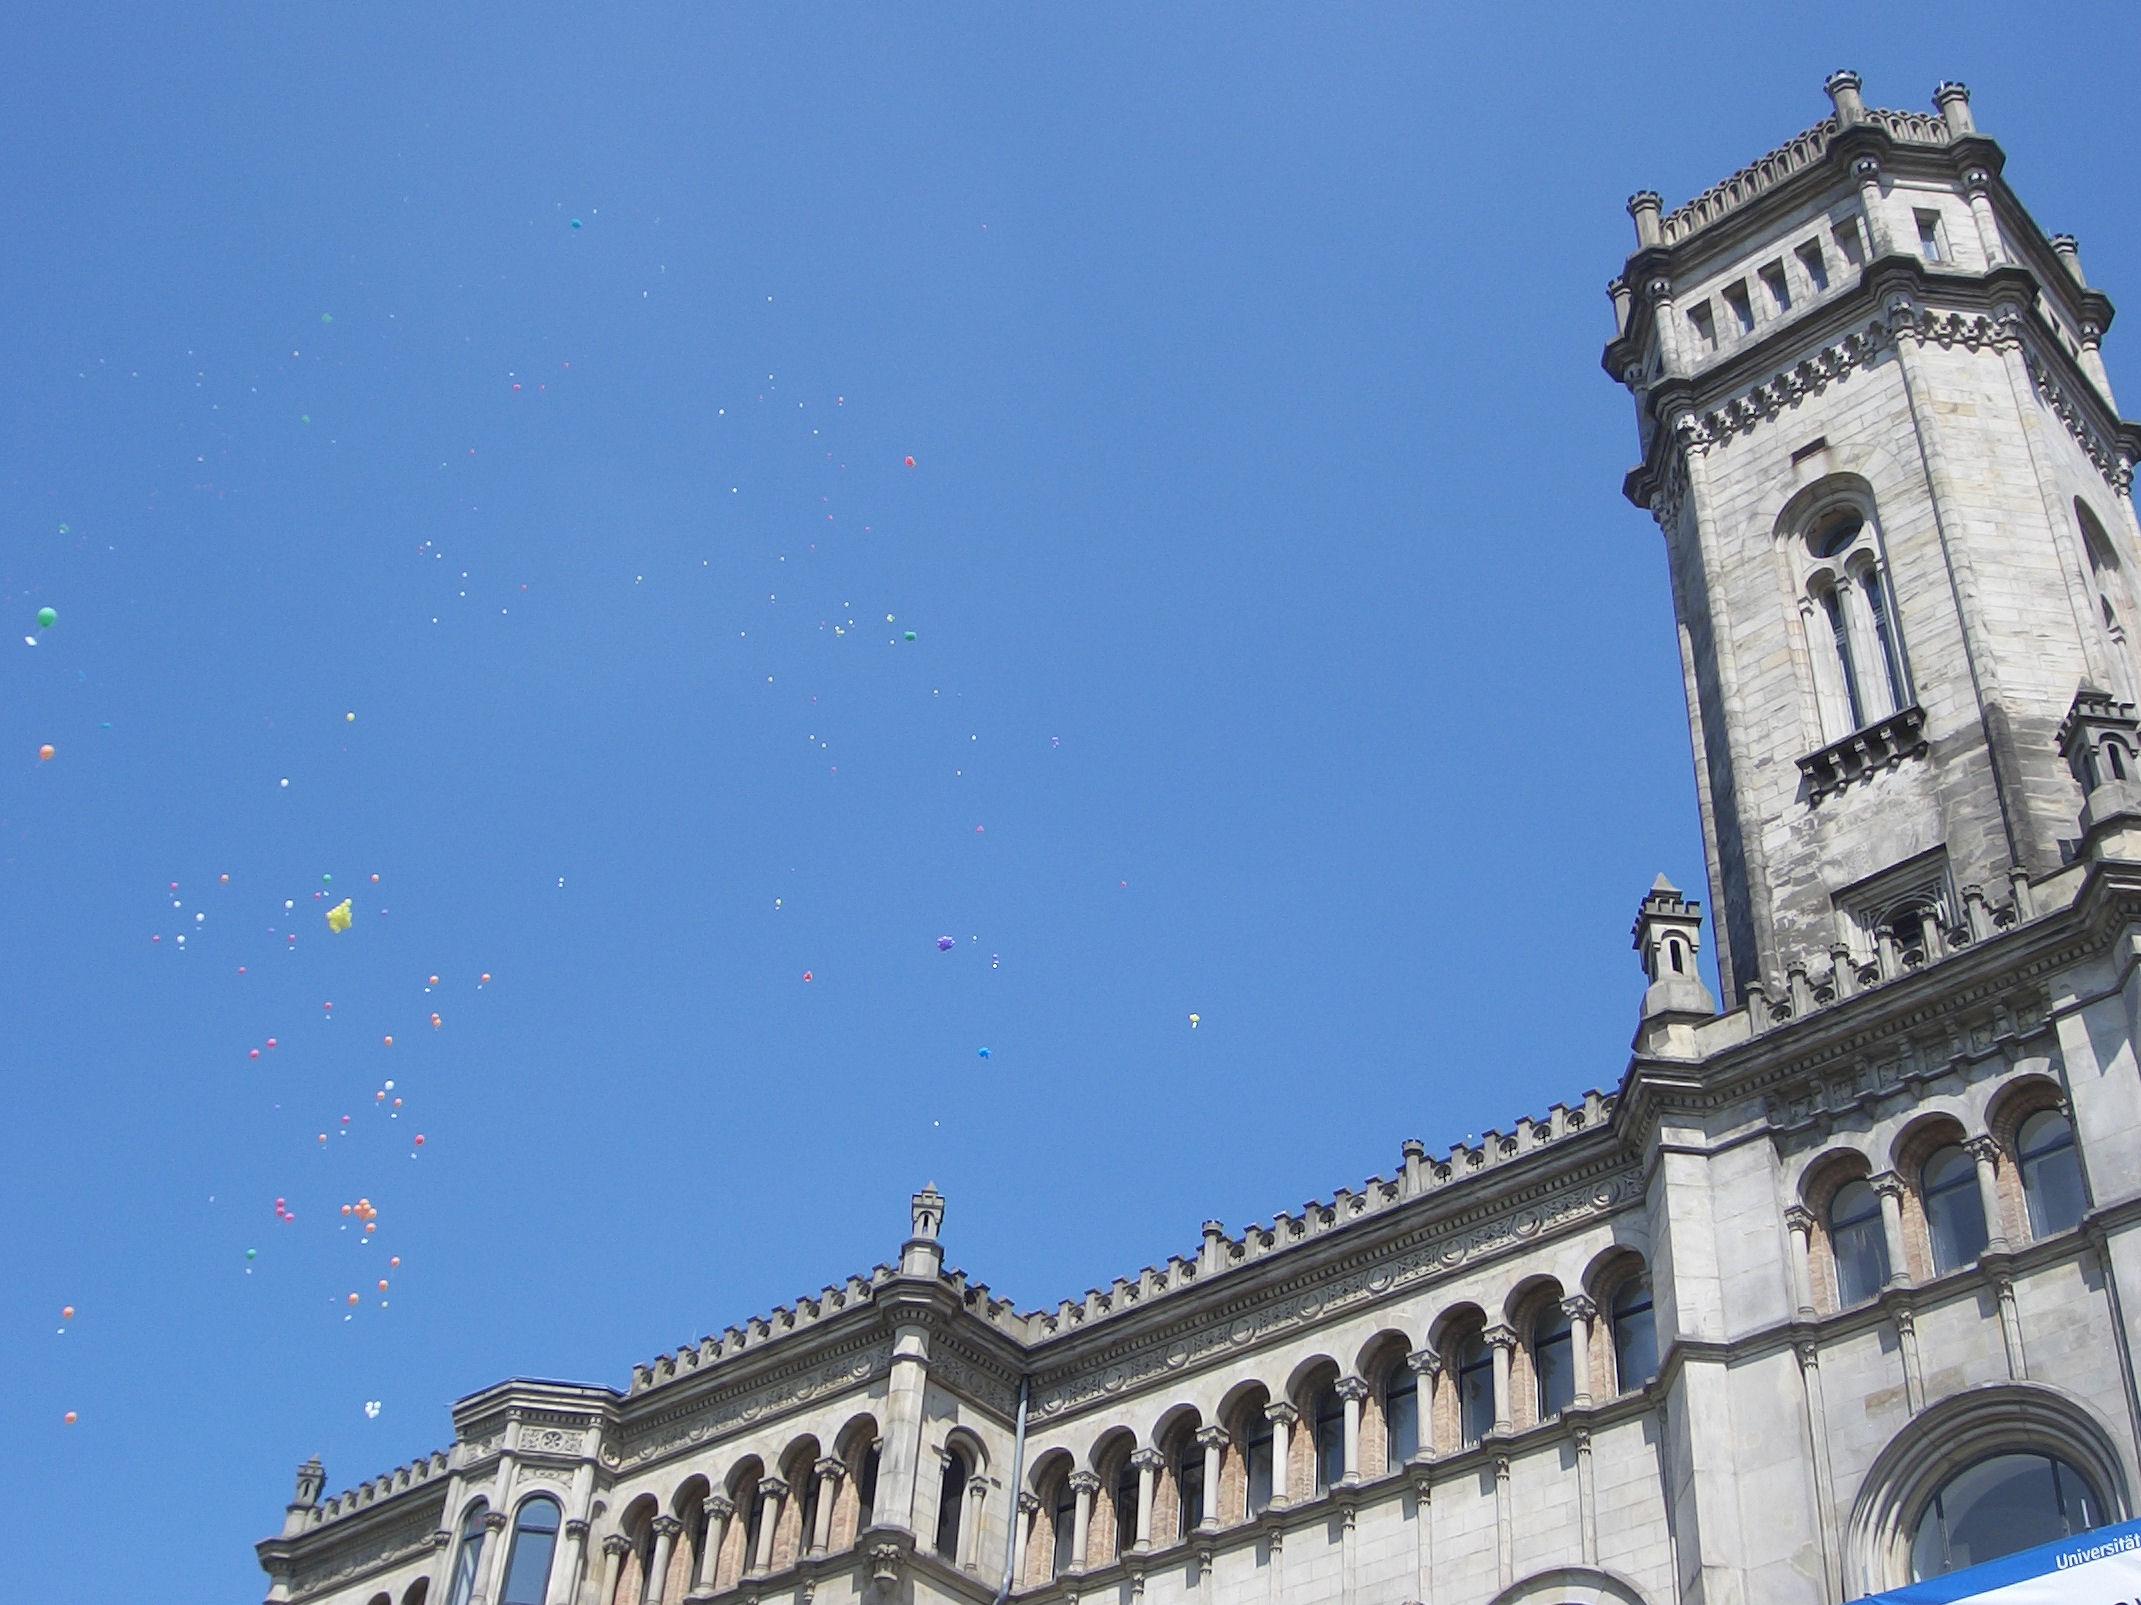 Bunte Ballons vor einem älteren Gebäude.